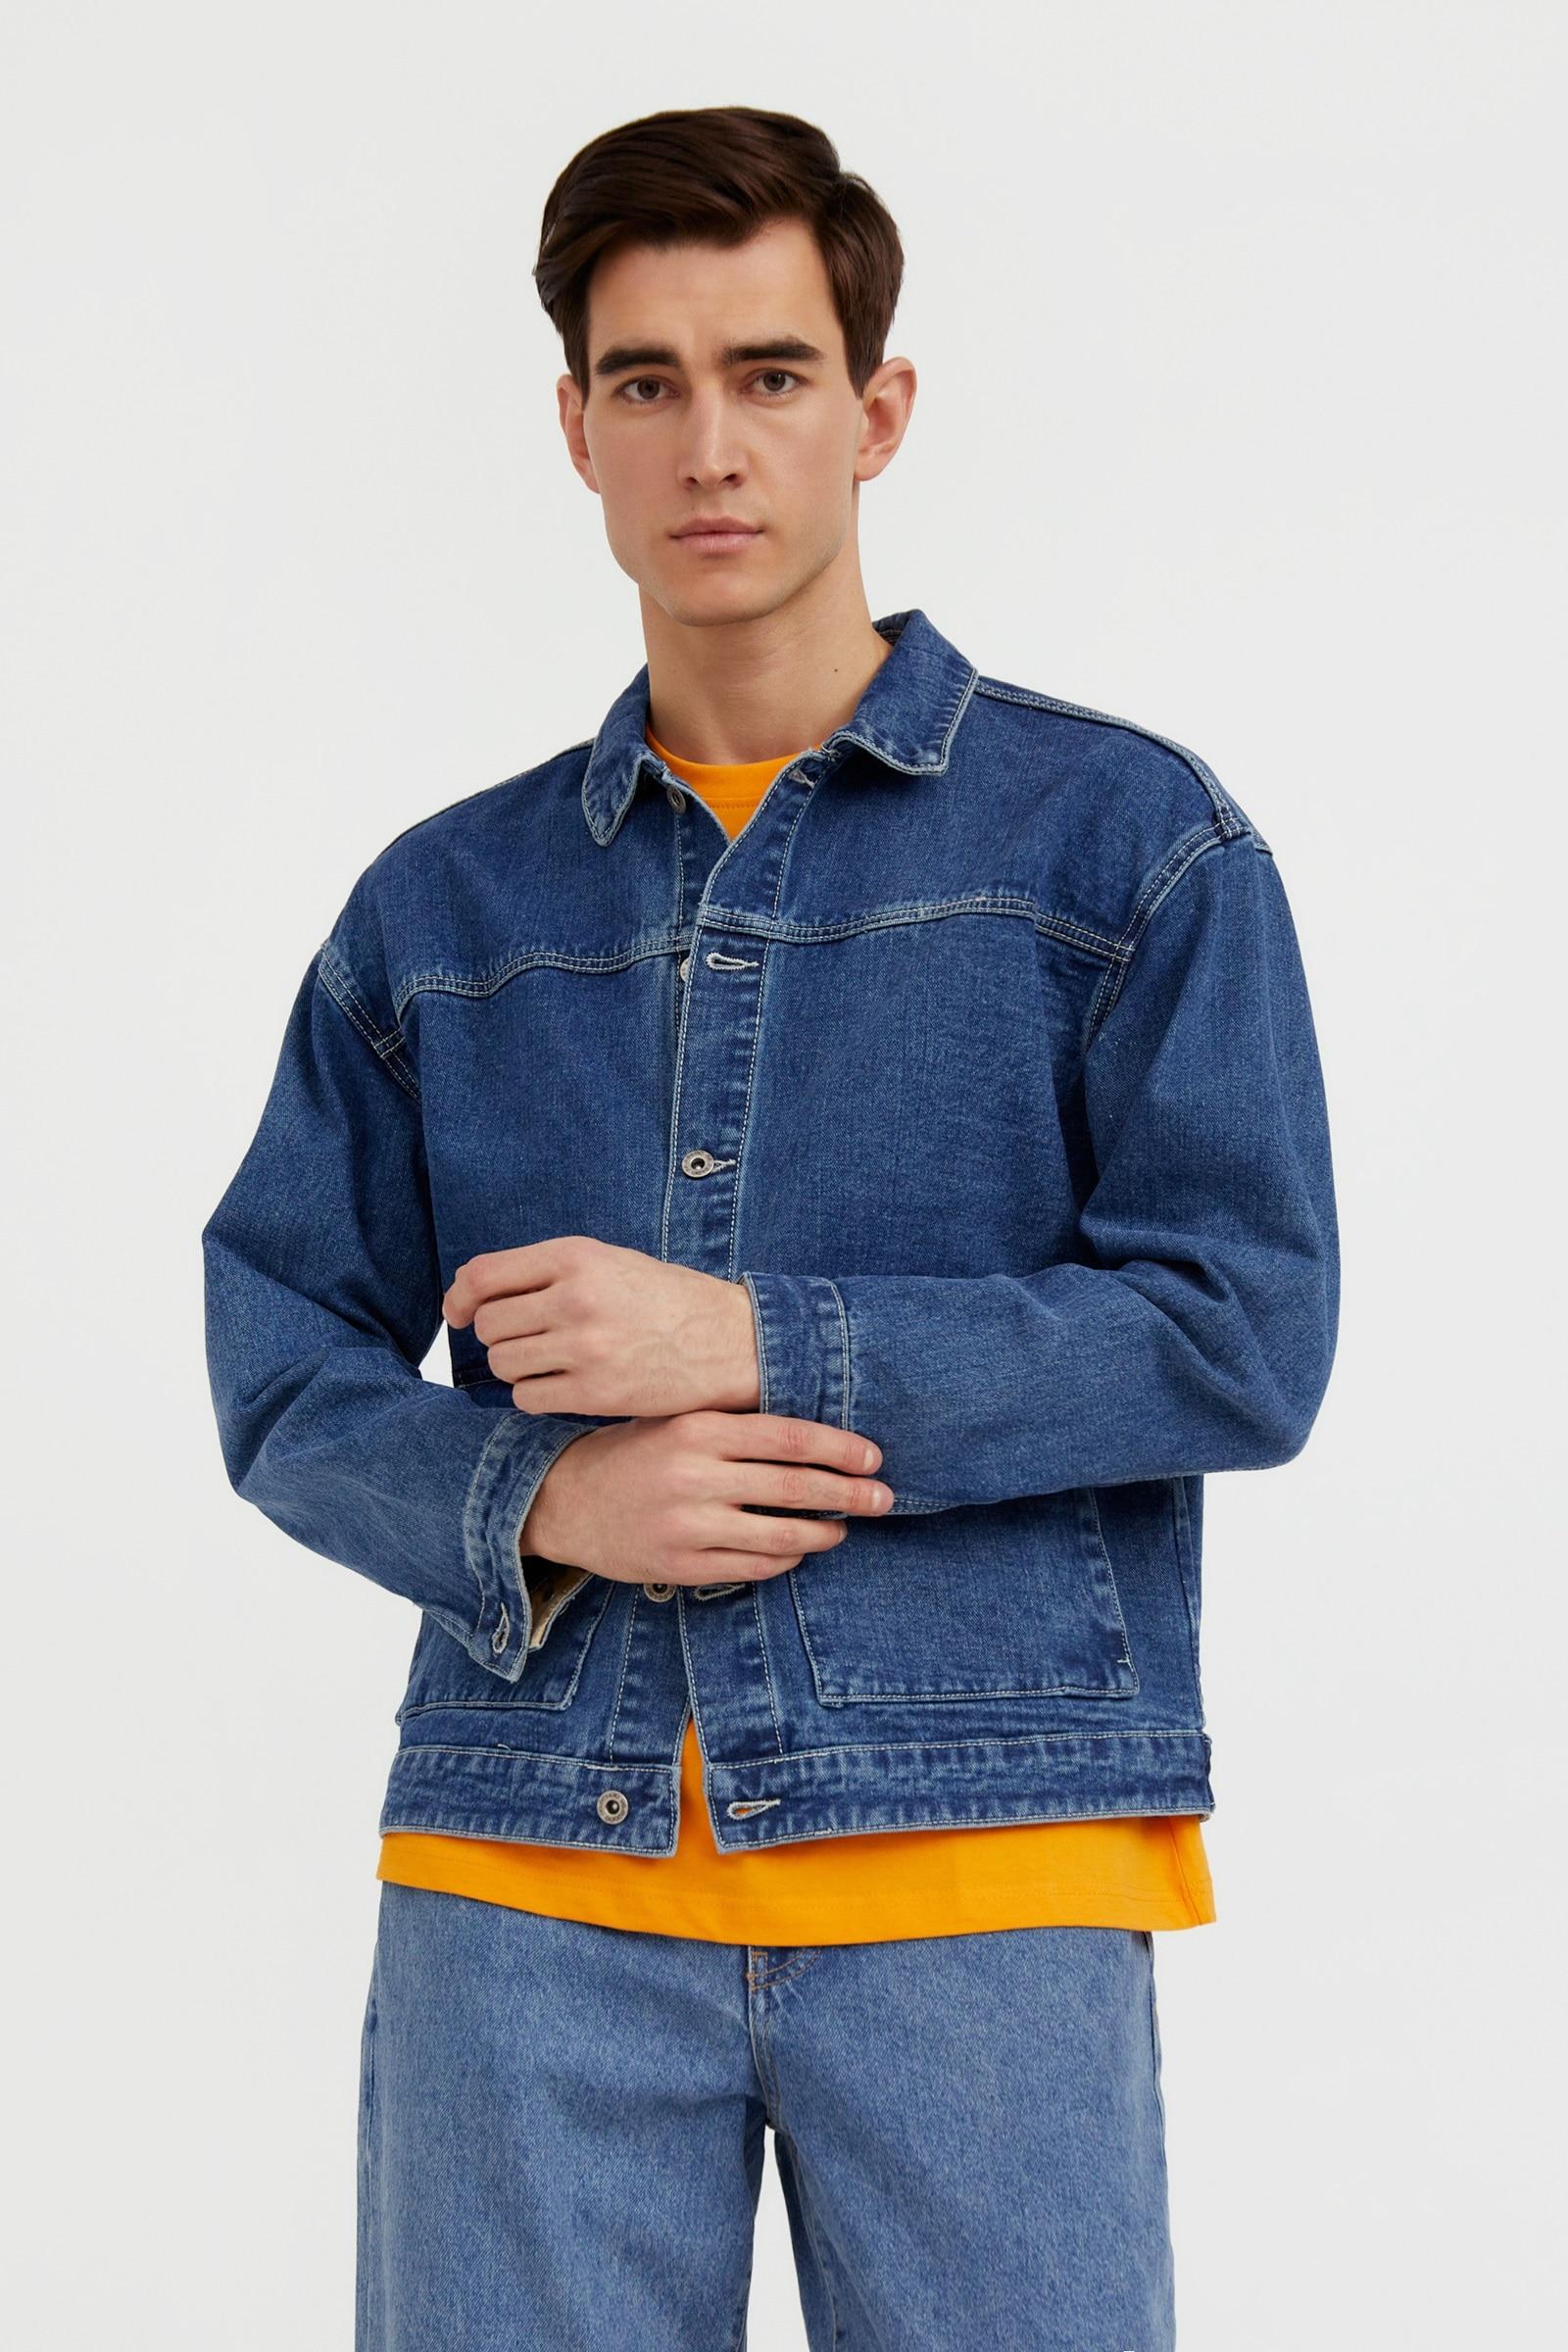 finn flare -  Jeansjacke, mit aufgesetzten Pattentaschen